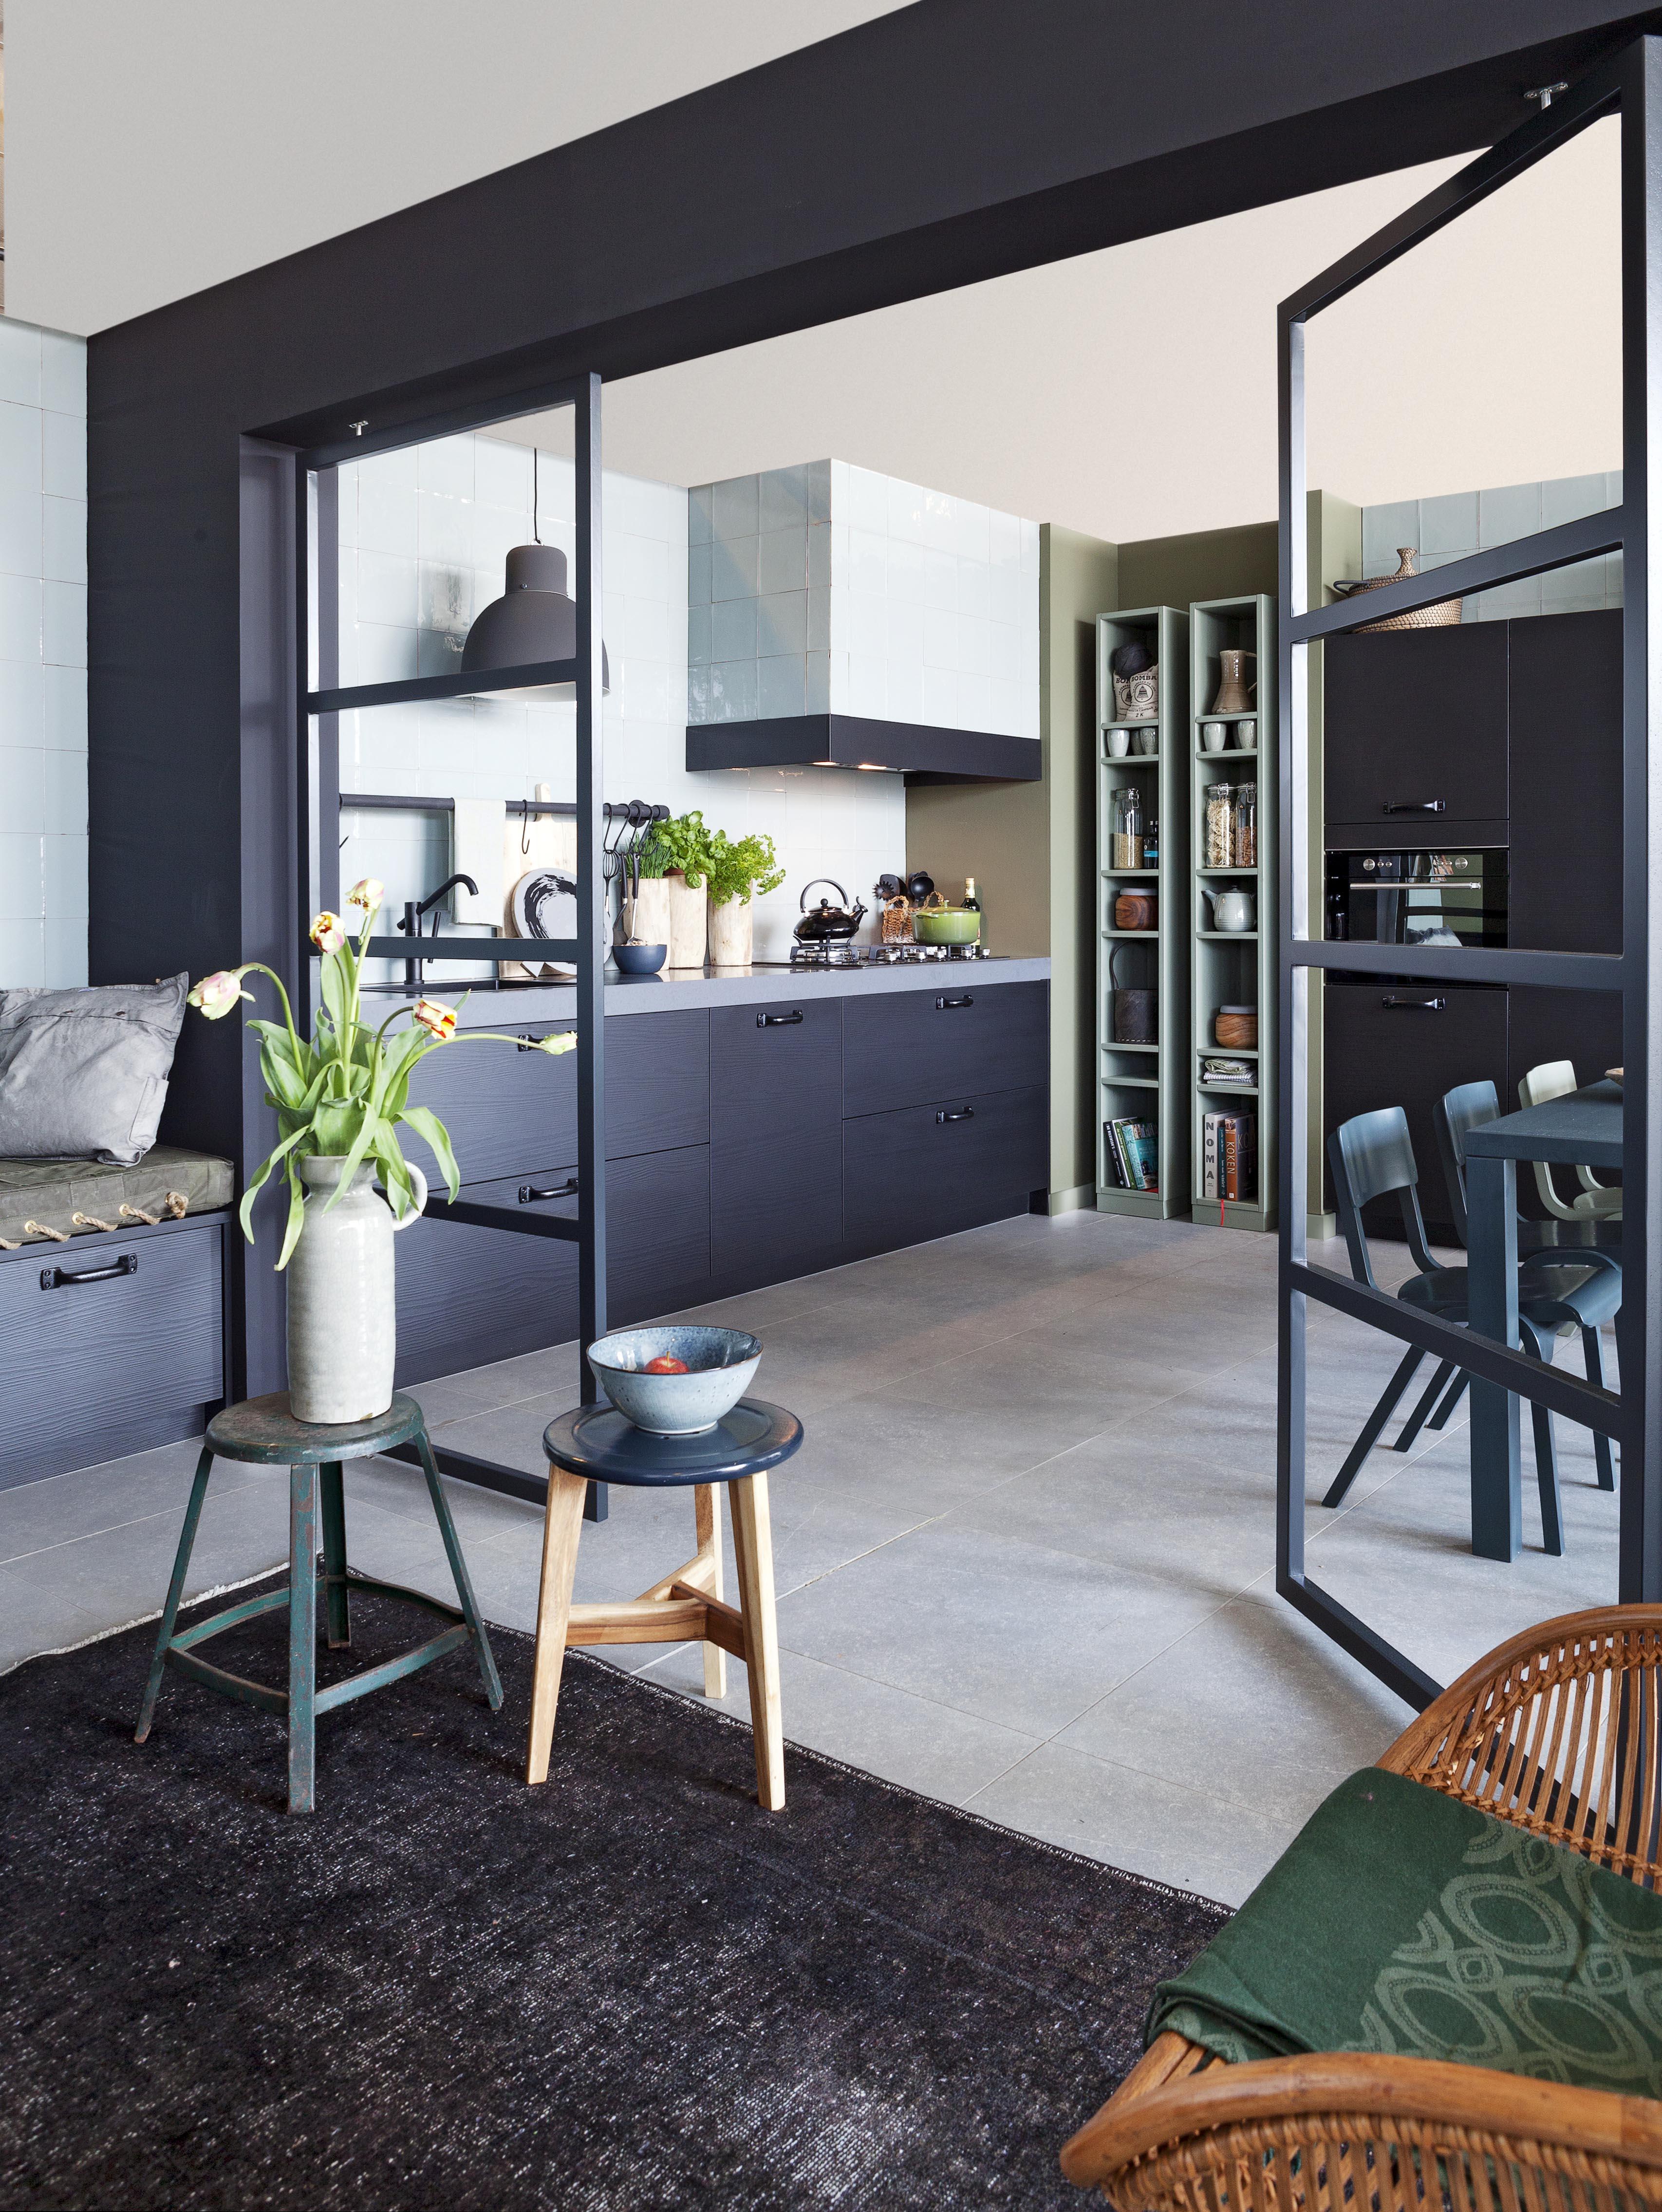 keuken wandtegels zonder voeg : Nl Funvit Com Badkamer Tegels En Vloeren